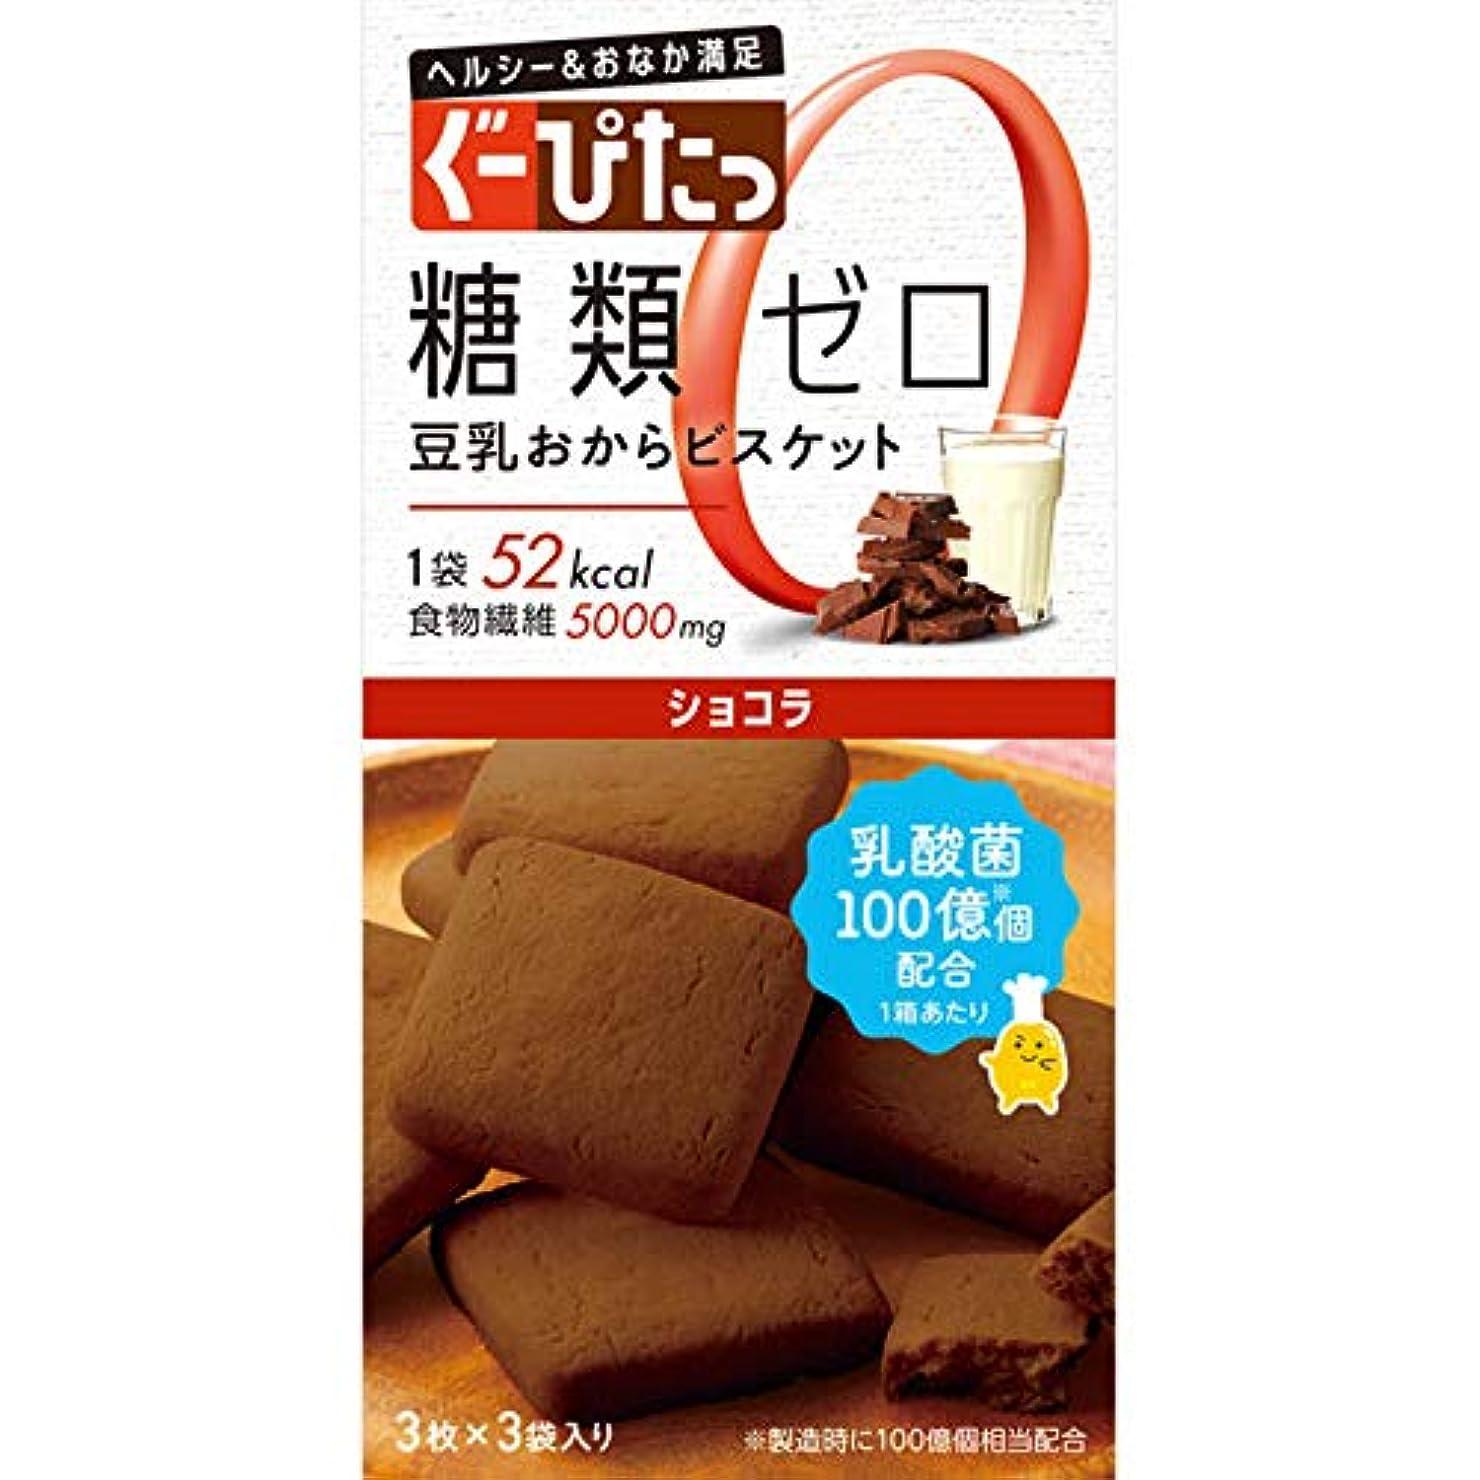 シンクエコー半円ナリスアップ ぐーぴたっ 豆乳おからビスケット ショコラ (3枚×3袋) ダイエット食品